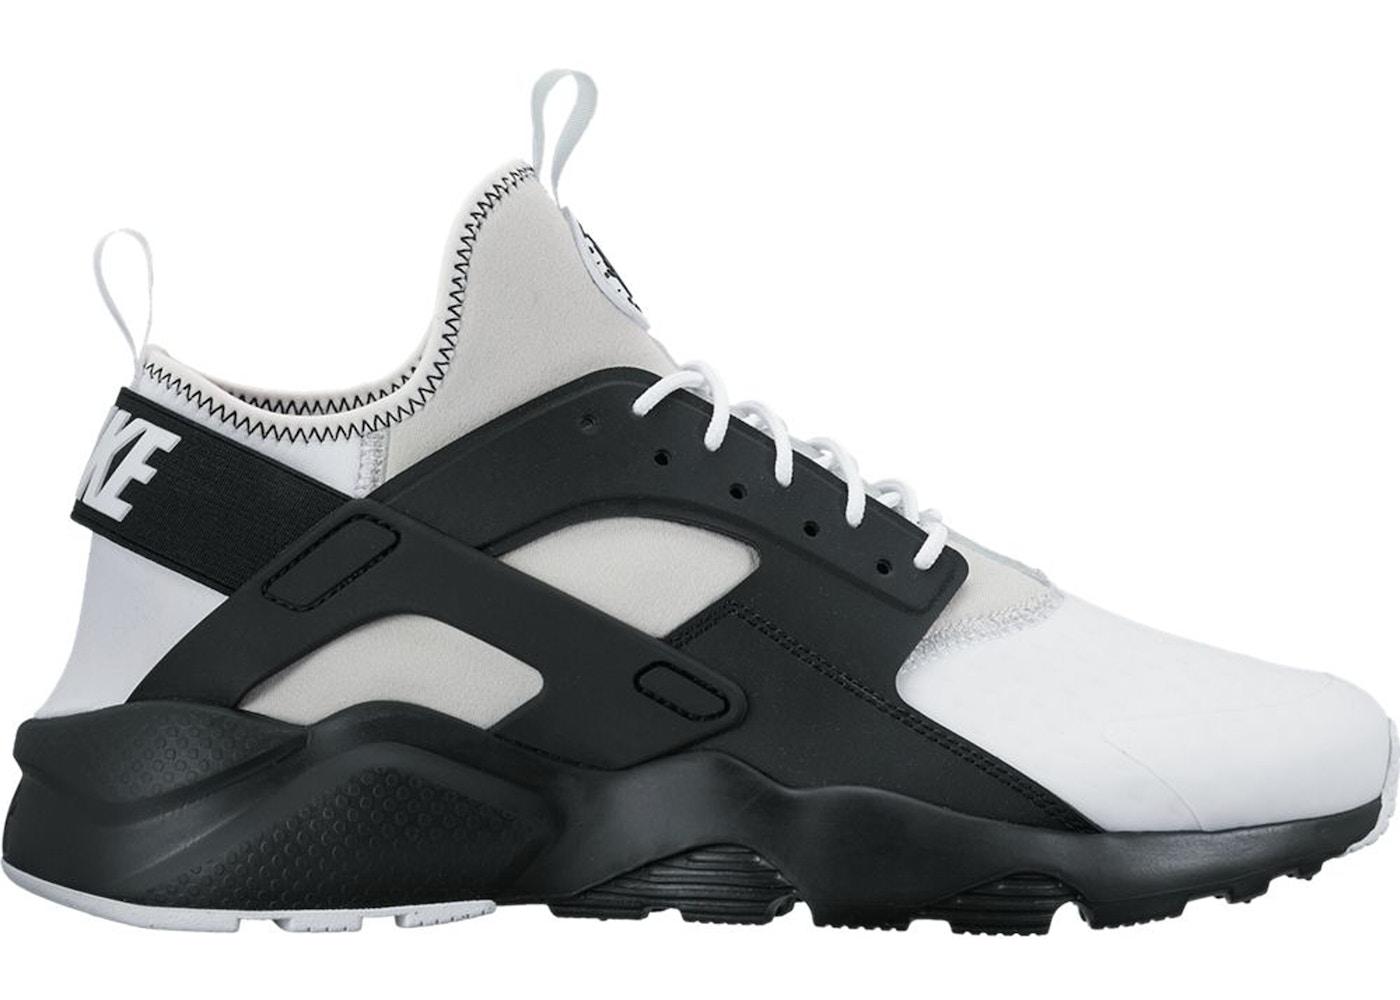 Nike Air Huarache Run Ultra White Black - 875841-100